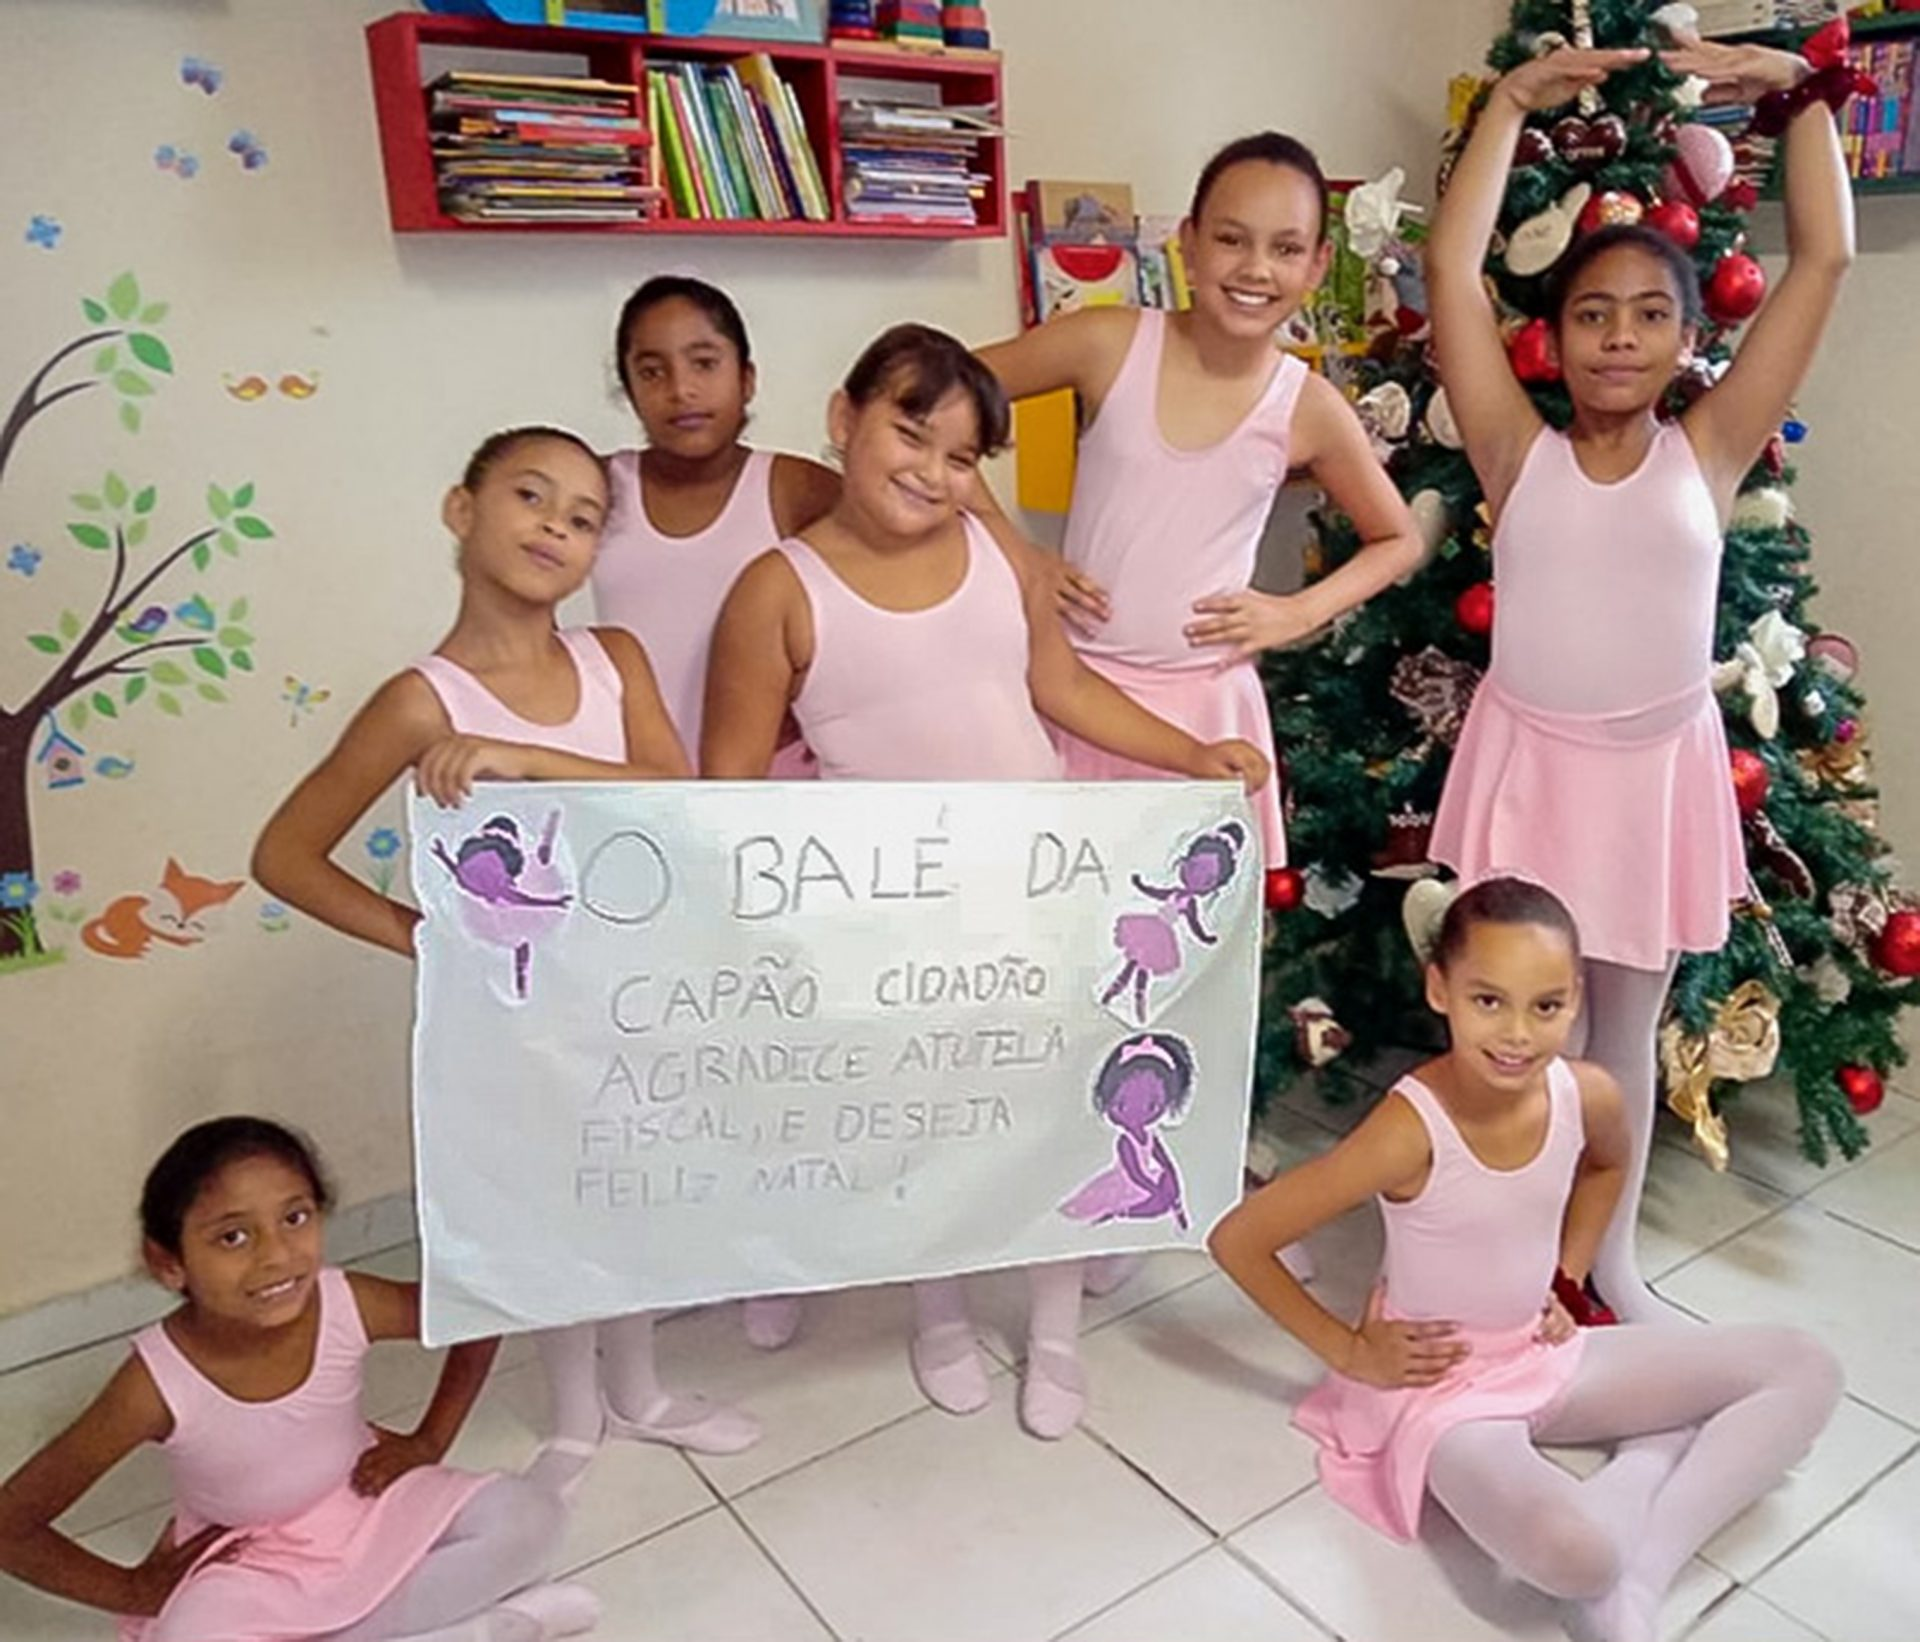 Balé Fim de Ano 2019 - Rossi Prado Advogados